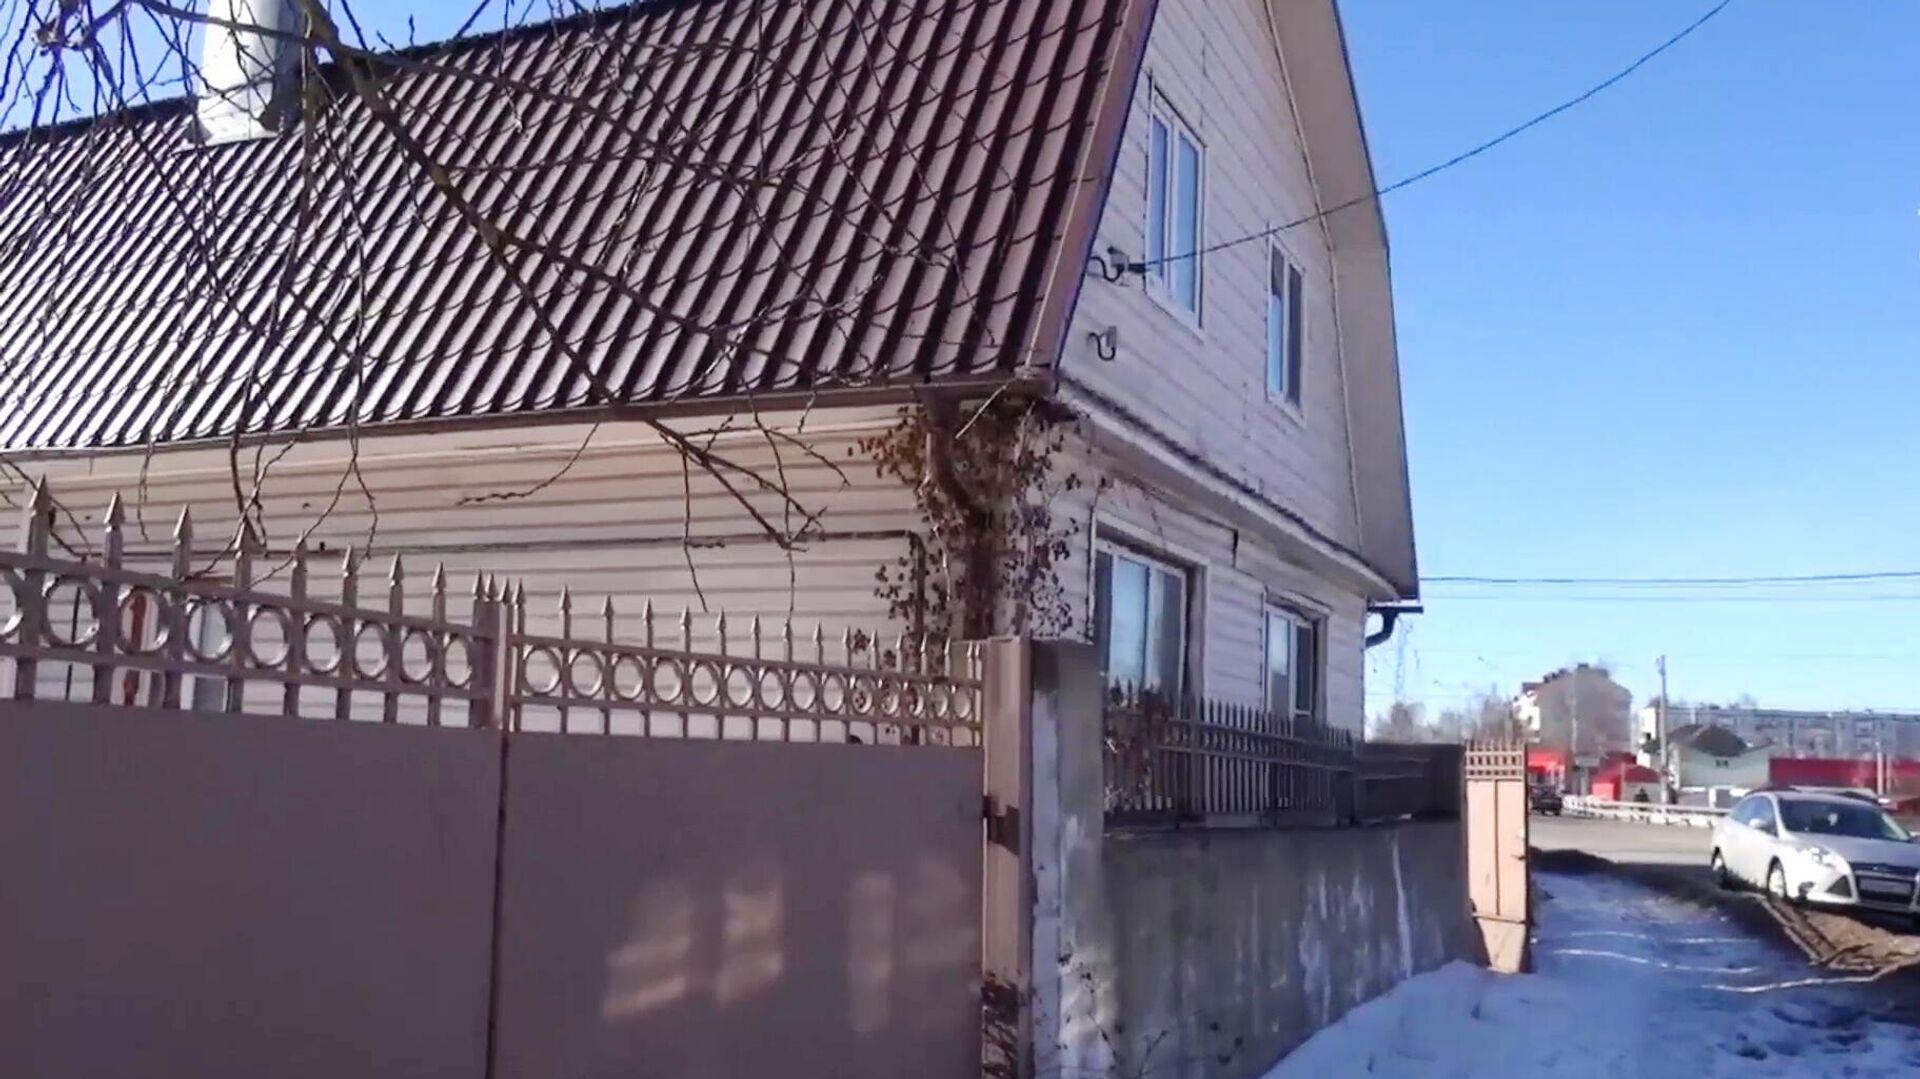 Частный дом в Талдоме, где нашли истощенную девочку без одежды. Скриншот видео - РИА Новости, 1920, 26.03.2021